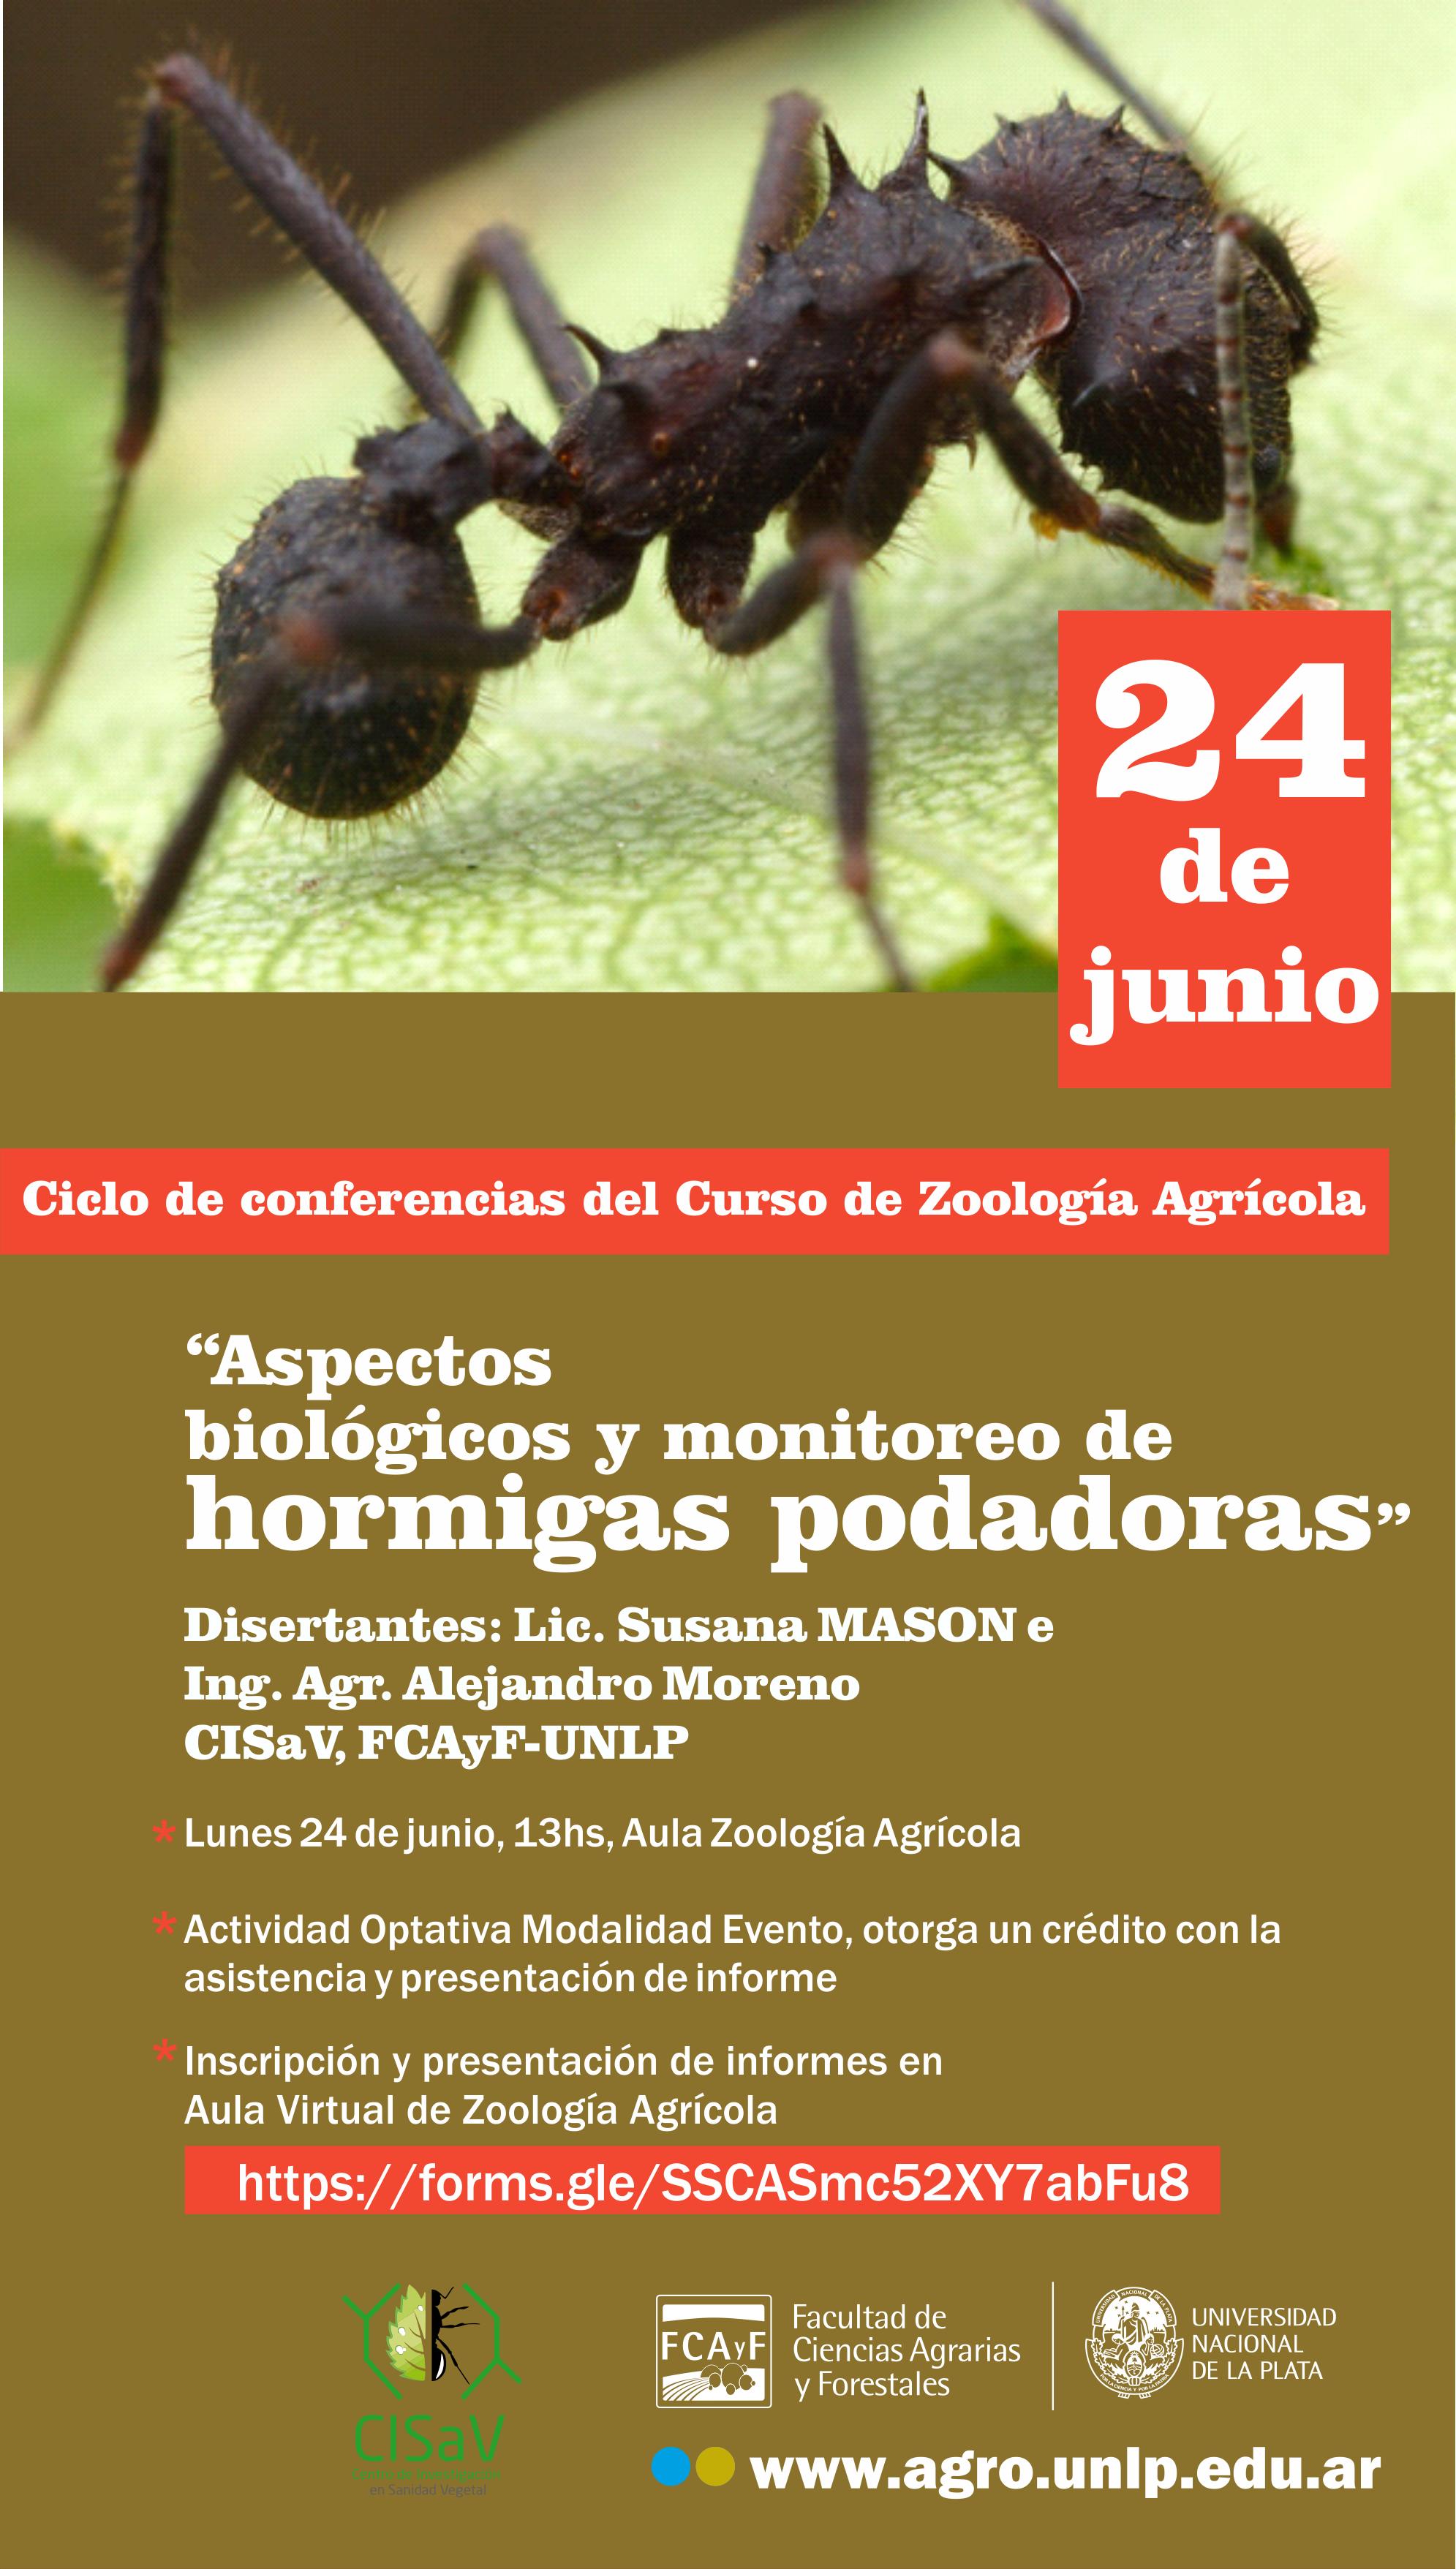 Aspectos biológicos y monitoreo de hormigas podadoras